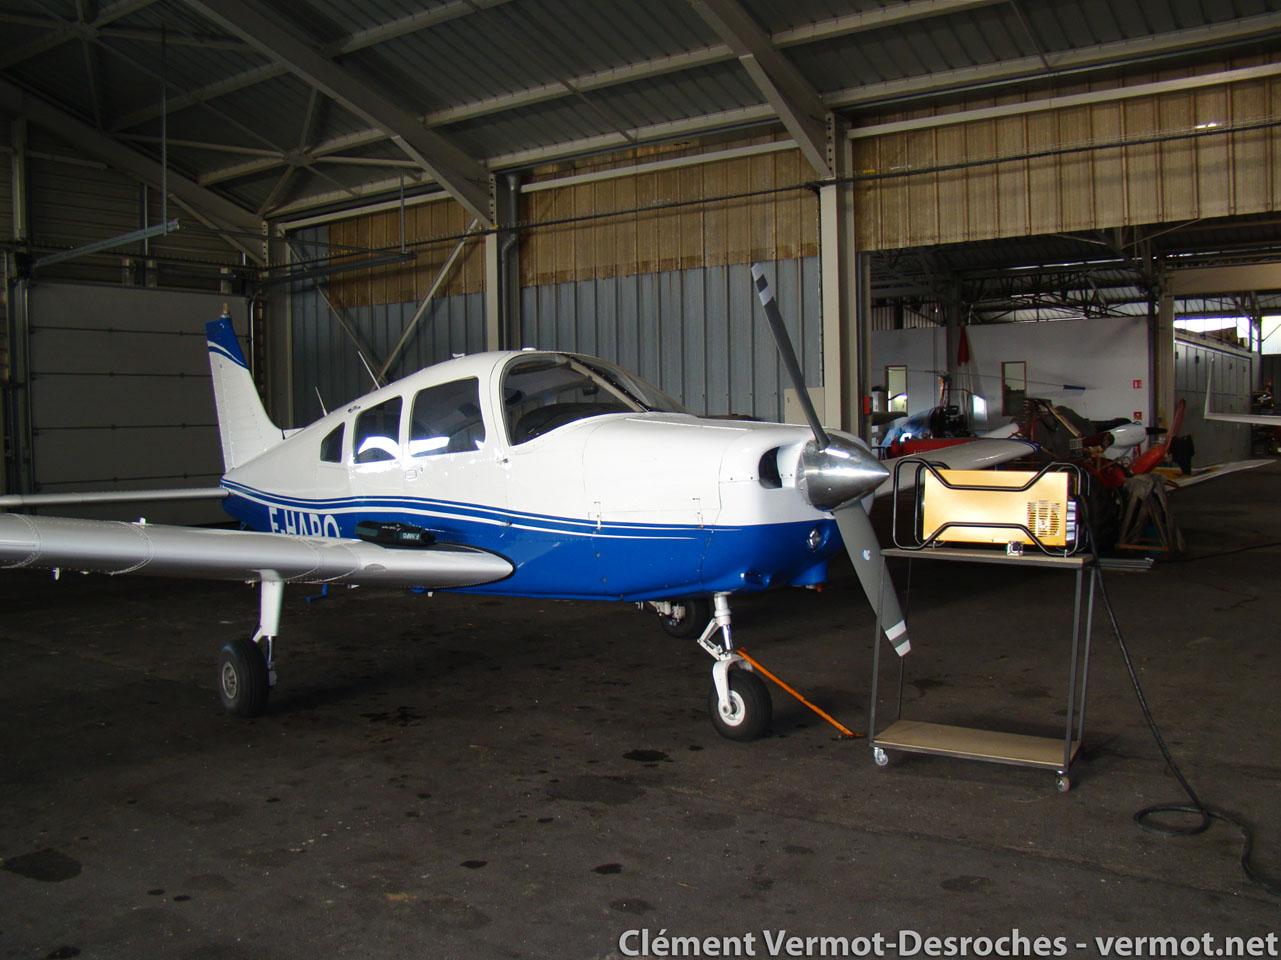 Par -5°C, les avions ont aussi froid et la réchauffeuse est de sortie dans le hangar